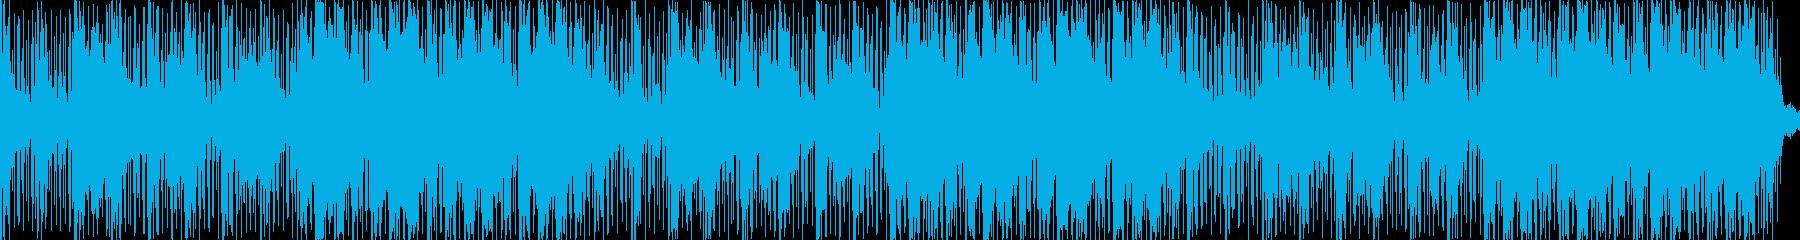 実験的 未来の技術 劇的な 不条理...の再生済みの波形